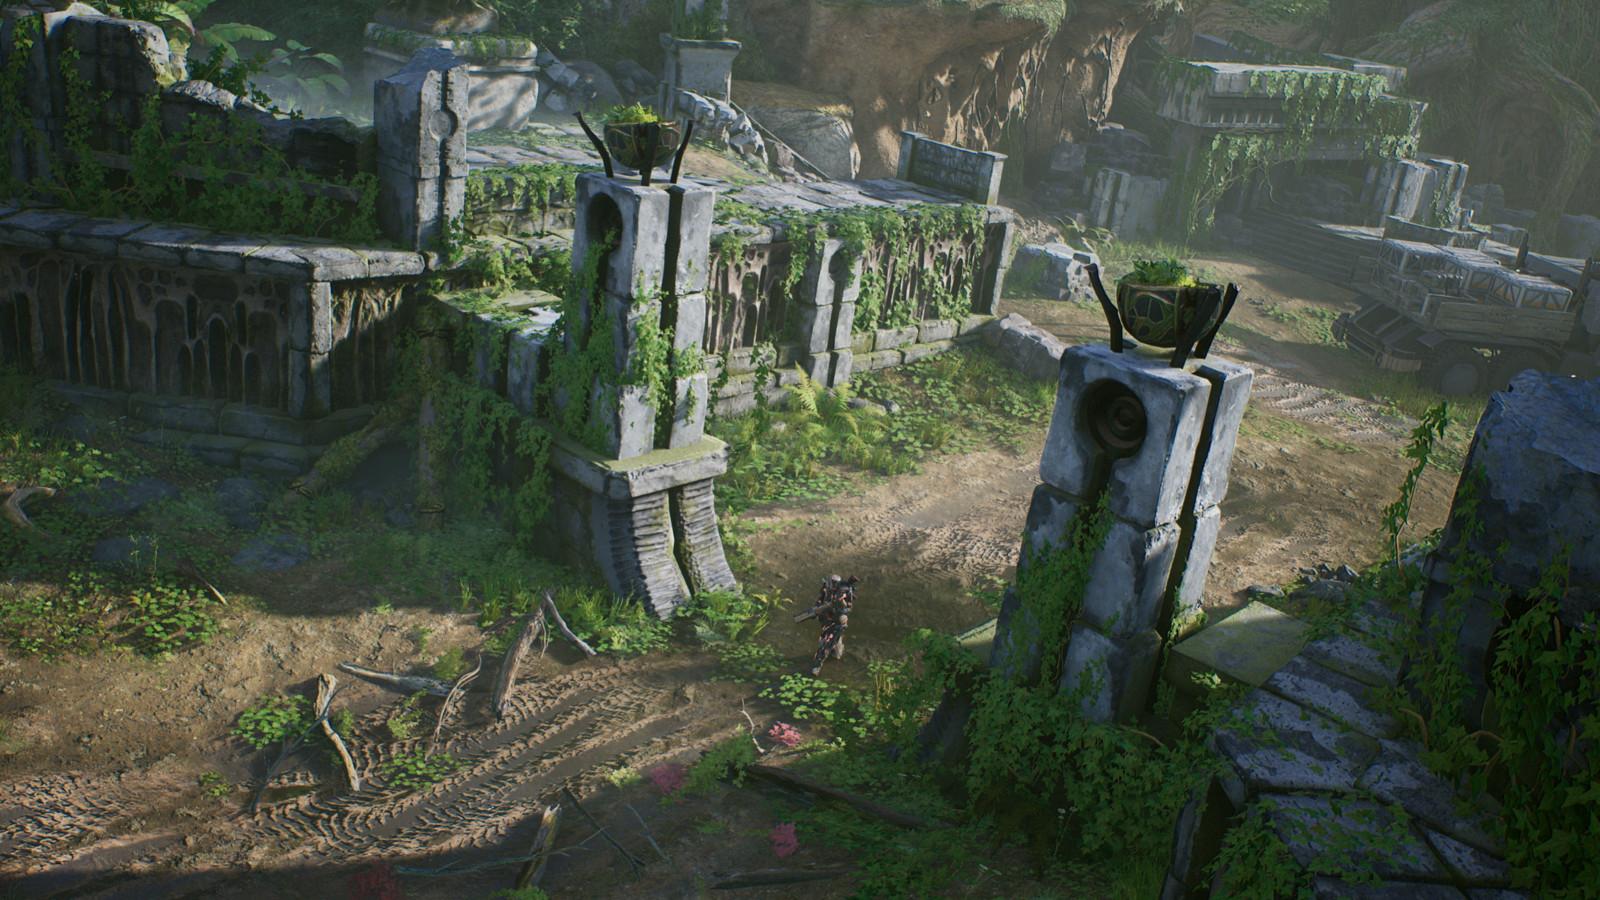 De omgeving van de game verandert bij momenten.